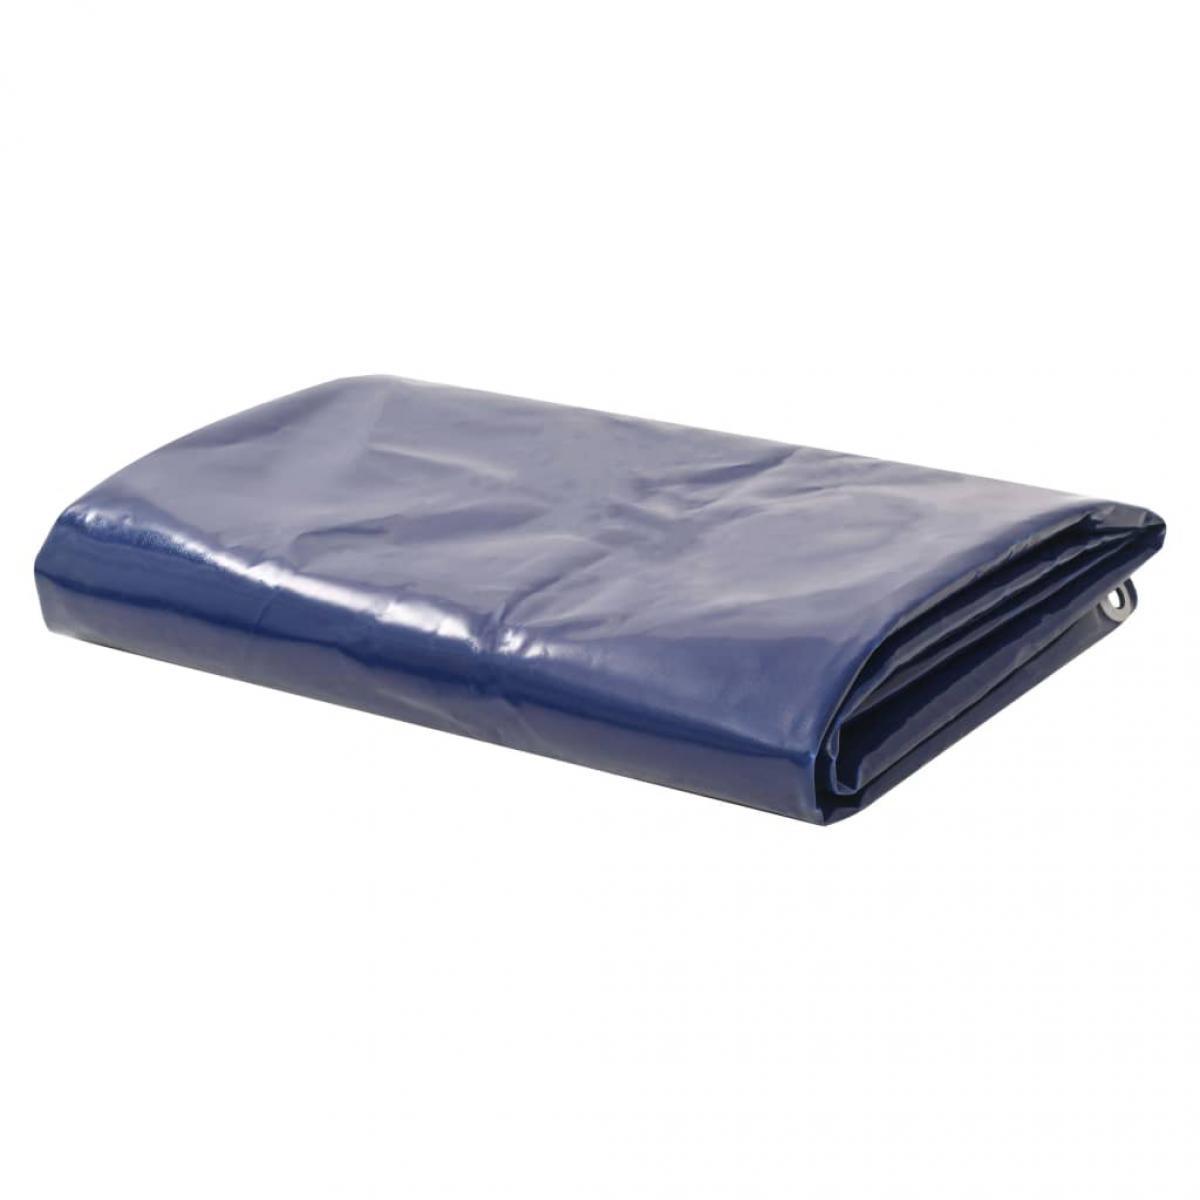 Vidaxl vidaXL Bâche 650 g / m² 1,5 x 10 m Bleu